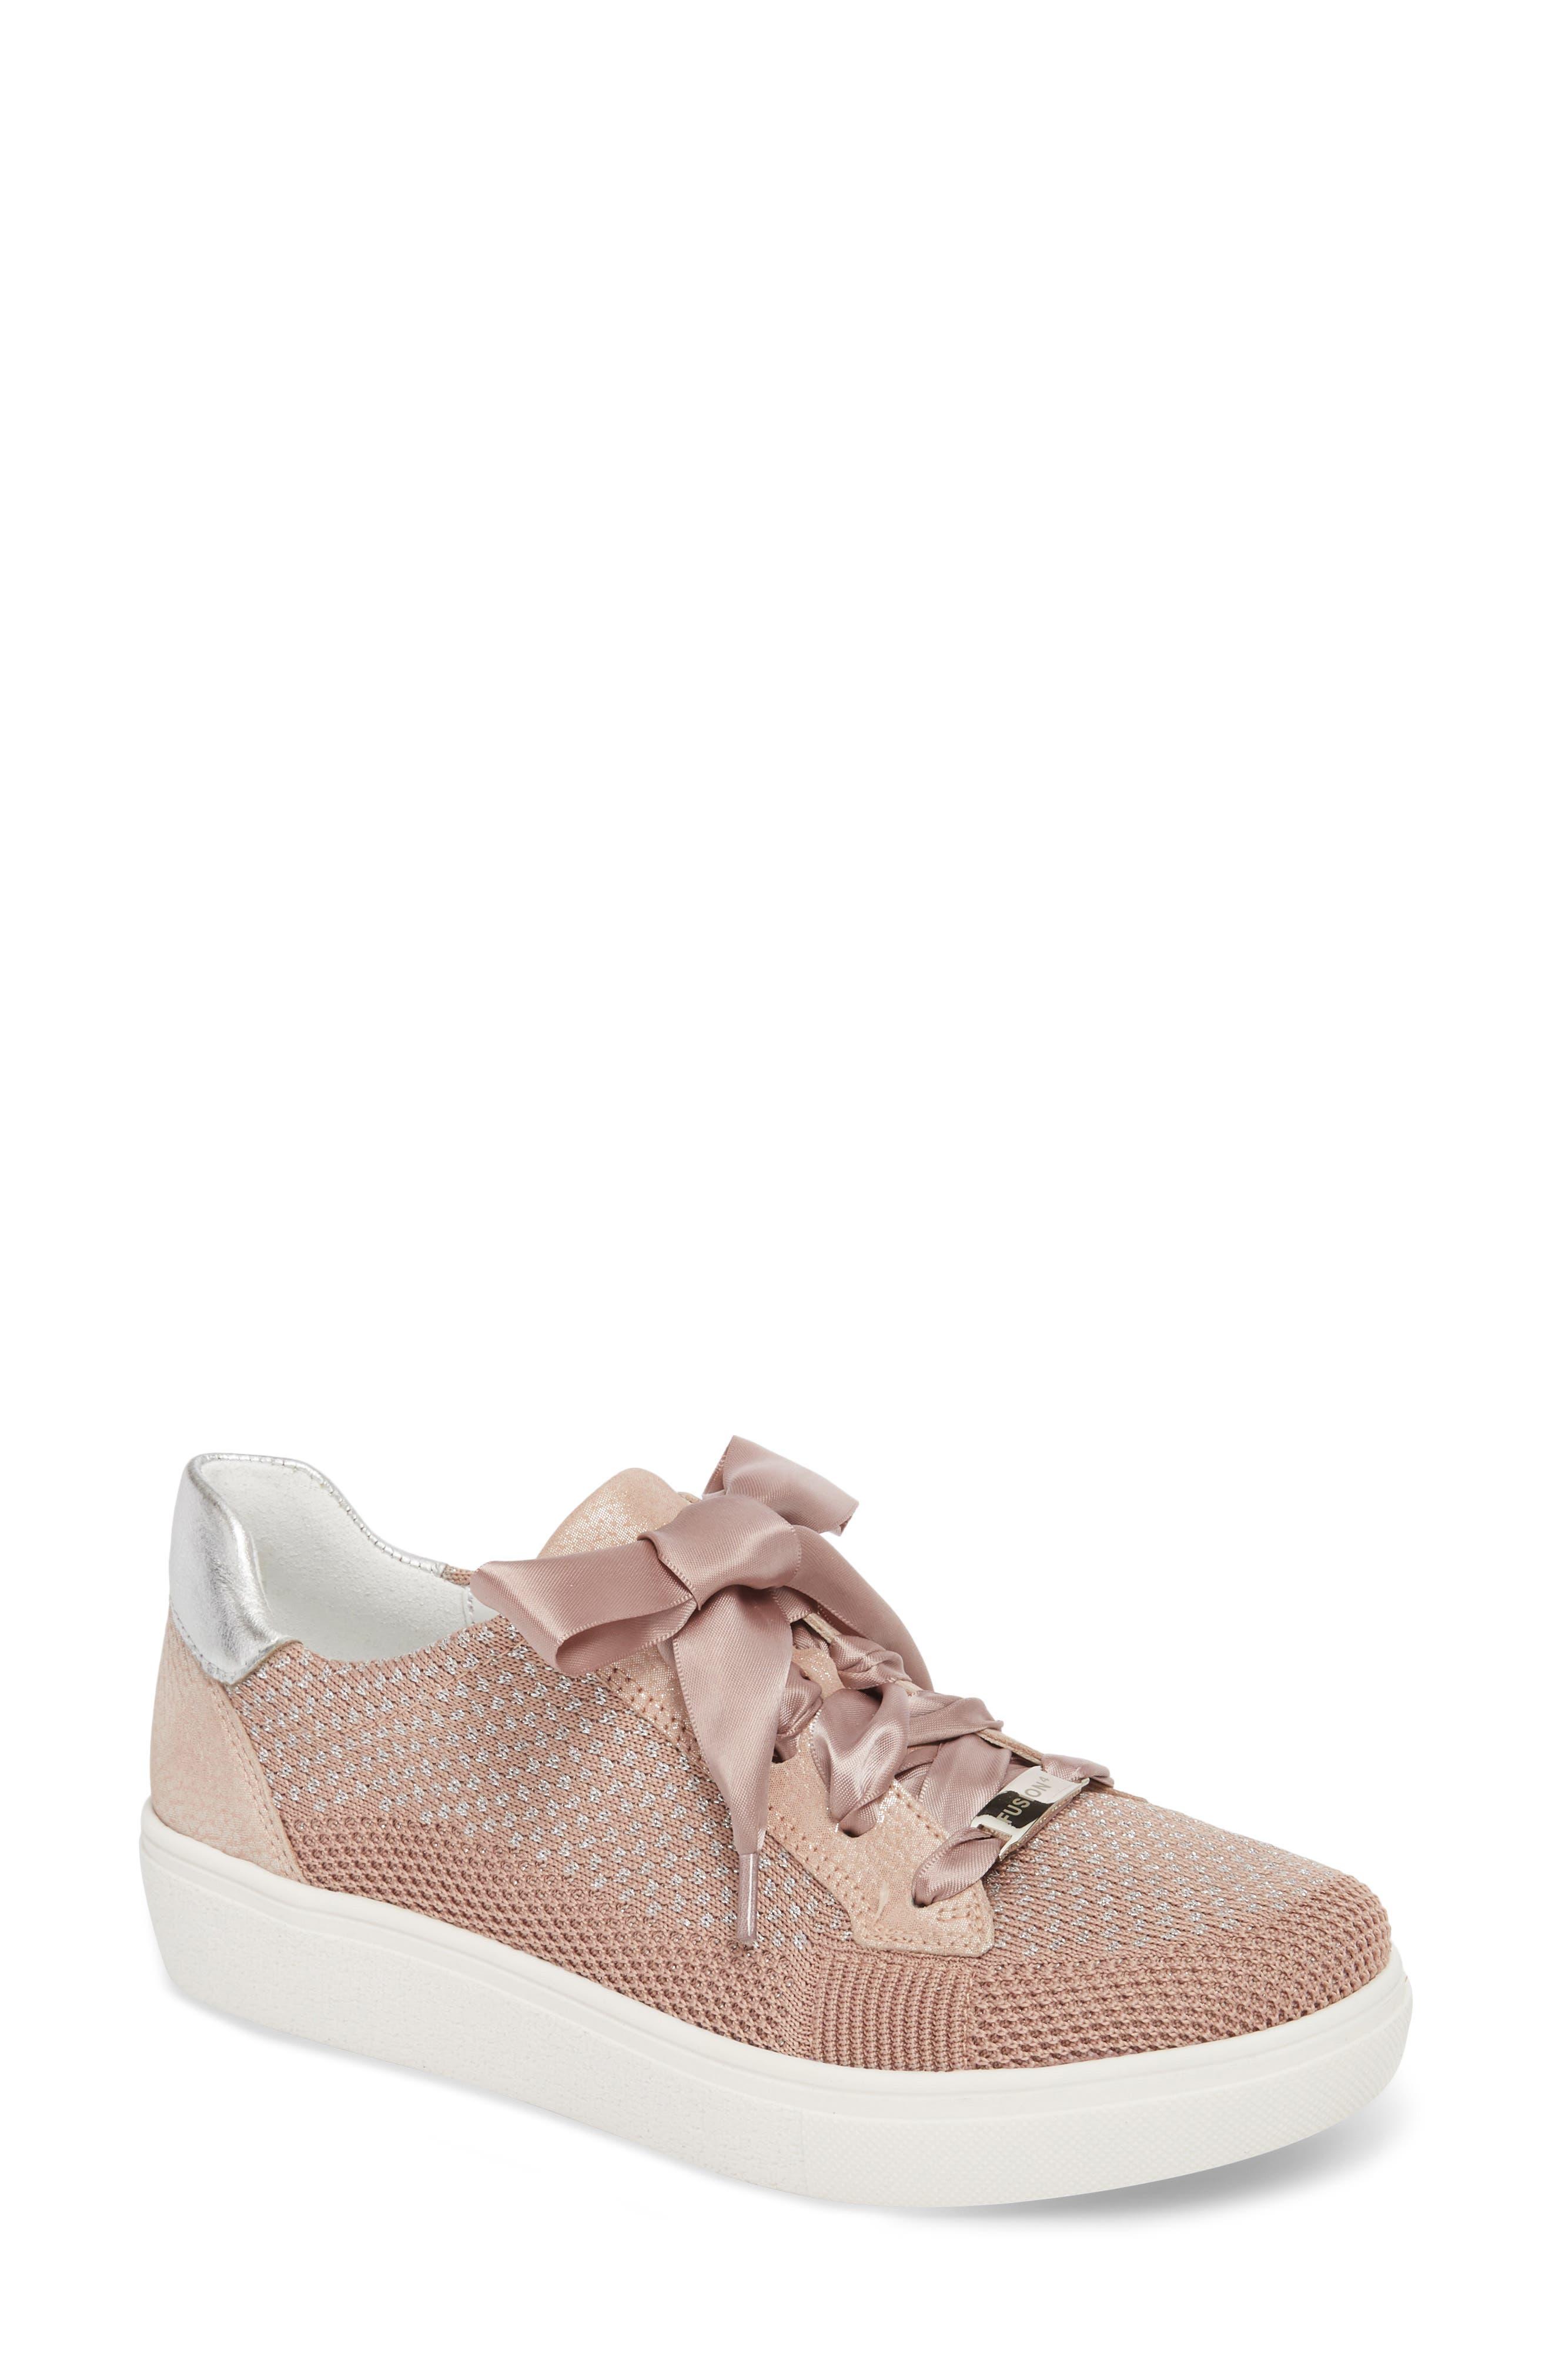 Natalya Sneaker,                             Main thumbnail 1, color,                             POWDER FABRIC